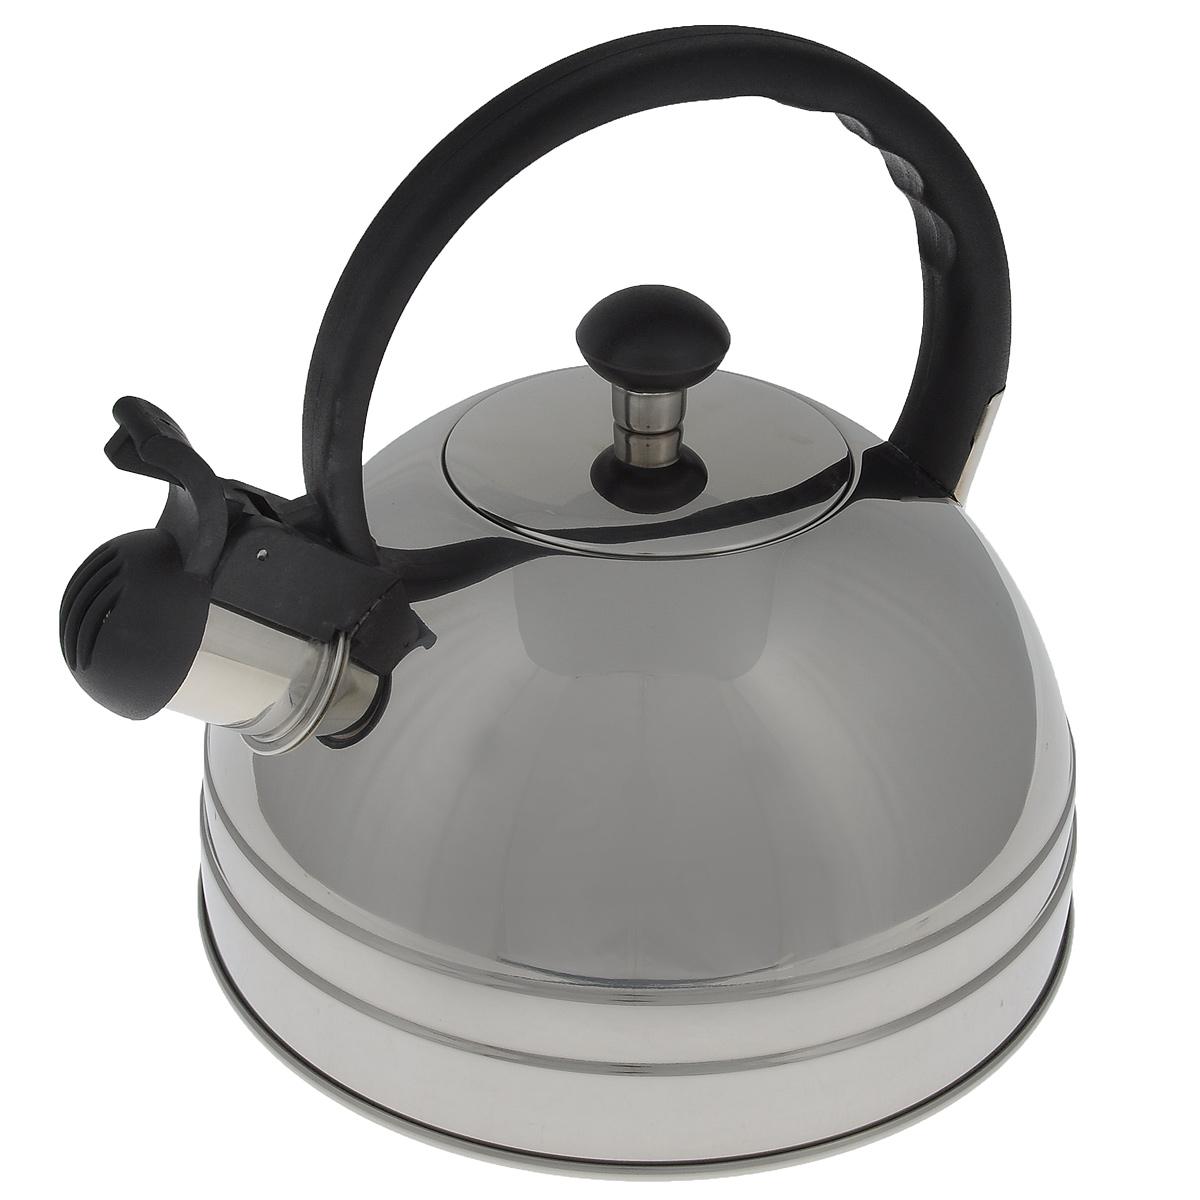 Чайник Regent Inox Tea со свистком, 2,5 л. 93-TEA-2693-TEA-26Чайник Regent Inox Tea выполнен из высококачественной нержавеющей стали 18/10 с зеркальной полировкой. Основные особенности: - оптимальное соотношение толщины дна и стенок посуды, что обеспечивает равномерное распределение тепла, экономию энергозатрат и устойчивость к деформации, - сохранение в воде всех полезных свойств и микроэлементов, - многослойное капсулированное дно: аккумулирует тепло, способствует быстрому закипанию и приготовлению пищи даже при небольшой мощности конфорок, - функционален, гигиеничен, эргономичен, а благодаря оригинальному дизайну чайник станет украшением любой кухни. Чайник оснащен крышкой и удобной фиксированной бакелитовой ручкой. Откидной свисток на носике чайника всегда подскажет, когда вода закипела. Подходит для всех типов плит, включая индукционные. Можно мыть в посудомоечной машине. Высота чайника (без учета ручки и крышки): 11,6 см. Высота чайника (с учетом ручки): 21 см. Диаметр основания чайника: 20,3 см. Диаметр чайника (по верхнему краю): 8 см.